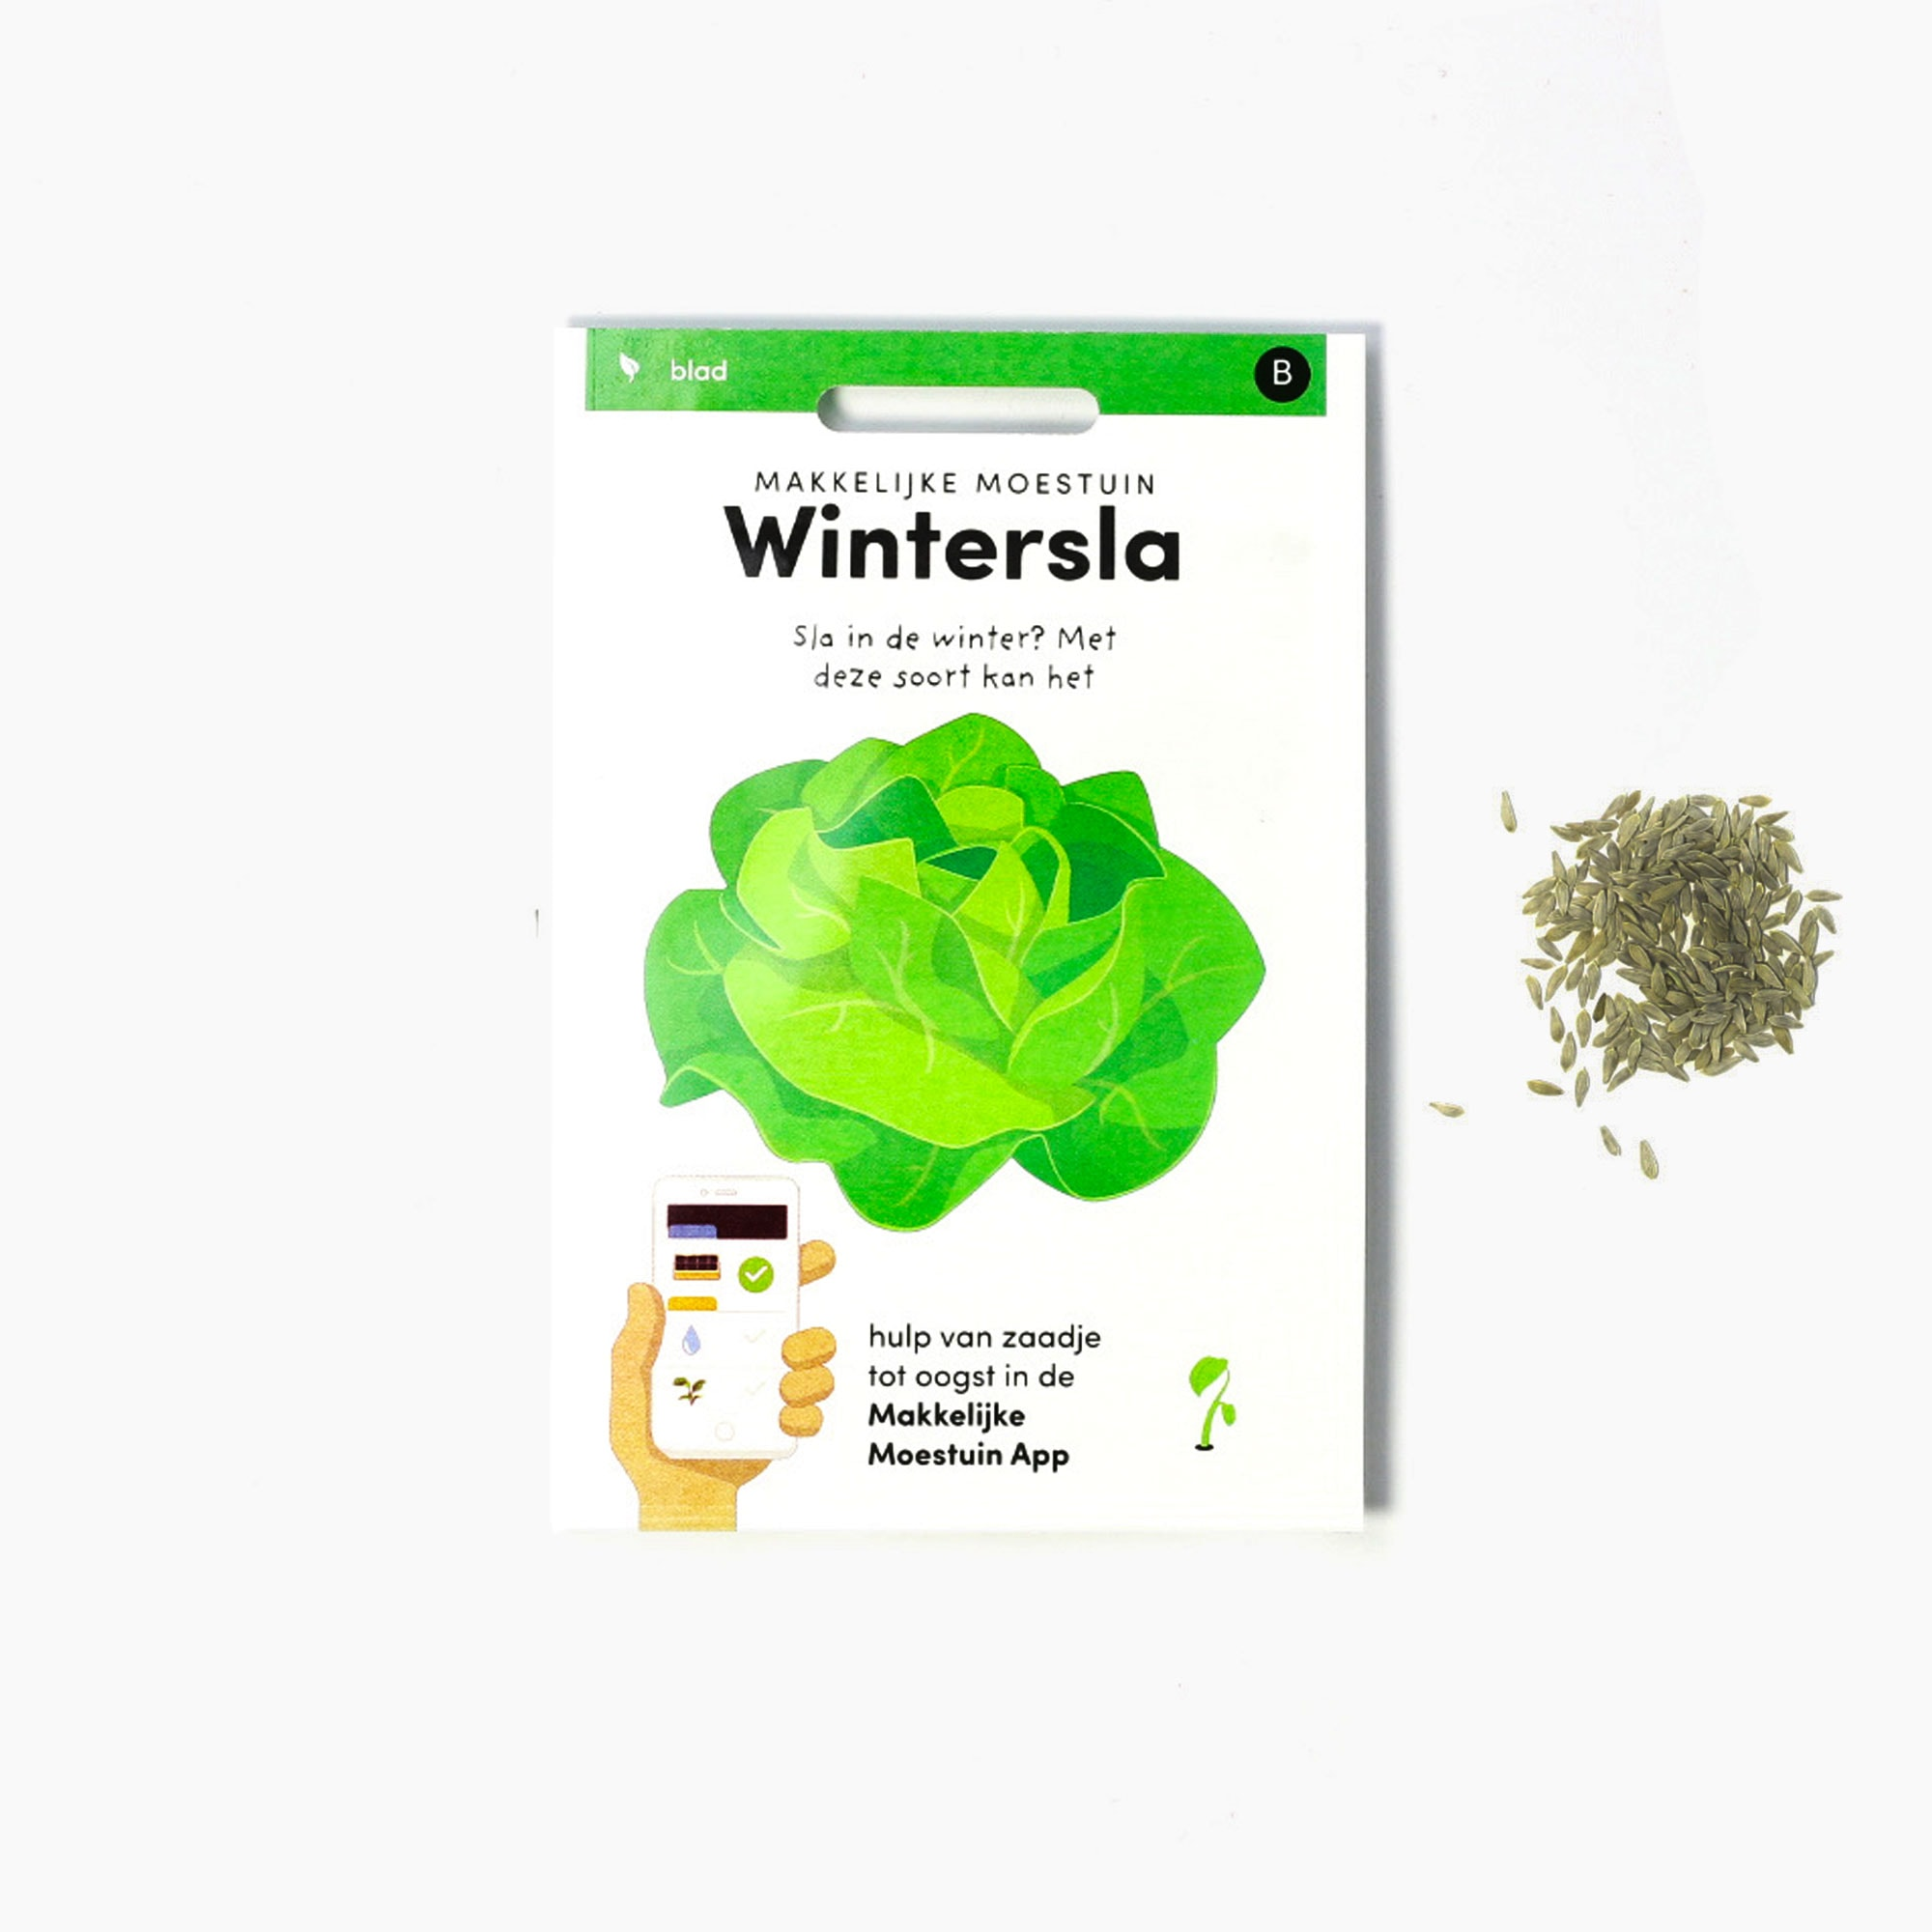 Wintersla-(1).jpg